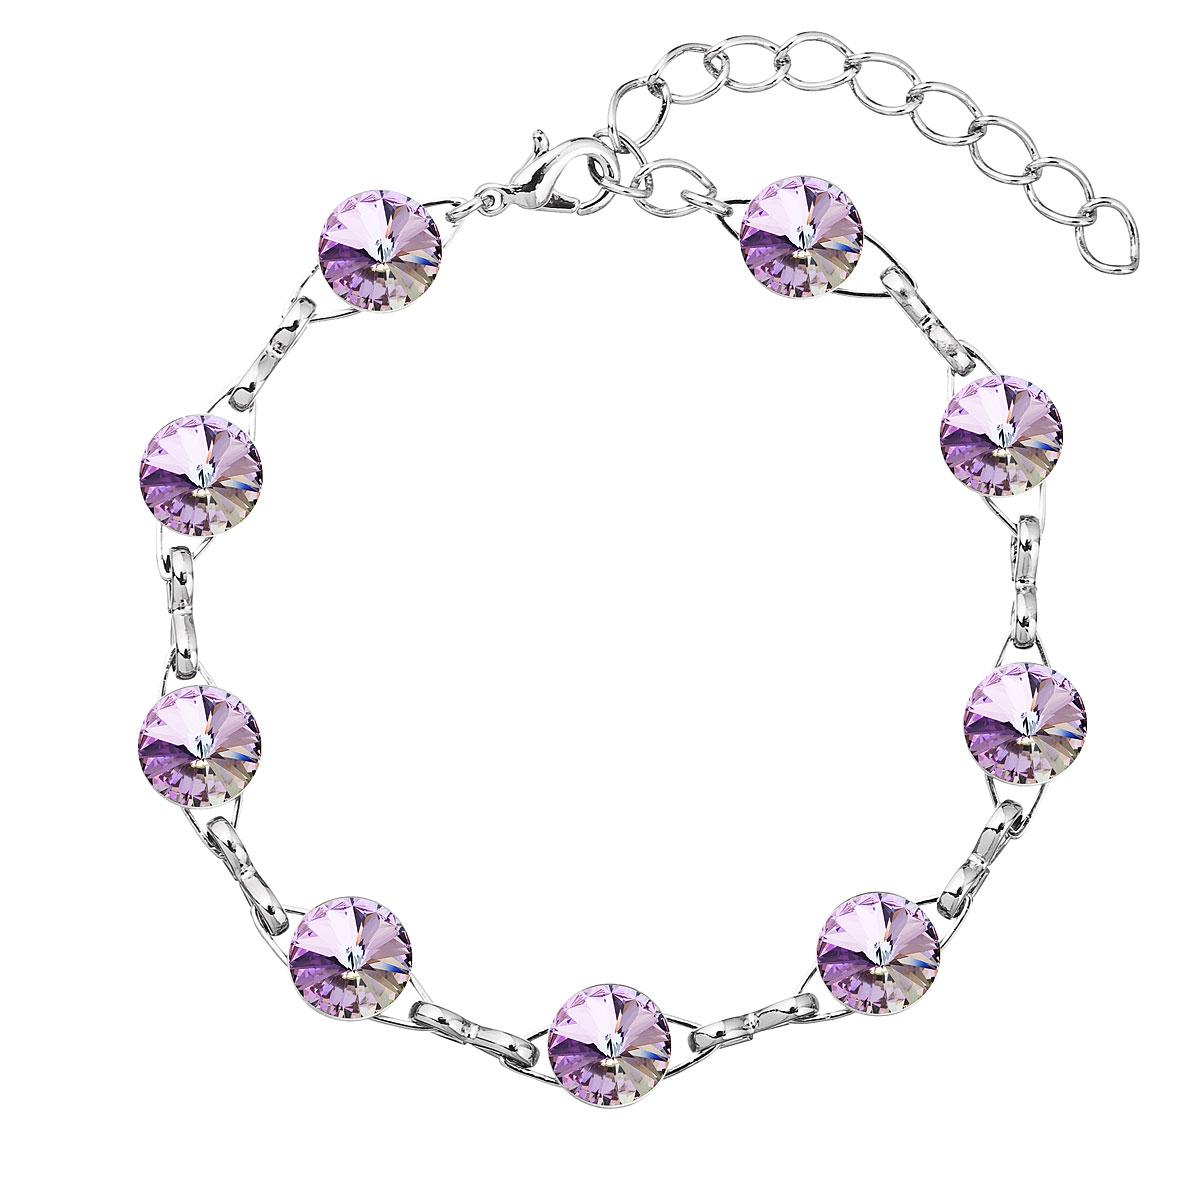 Náramek bižuterie se Swarovski krystaly fialový 53001.5